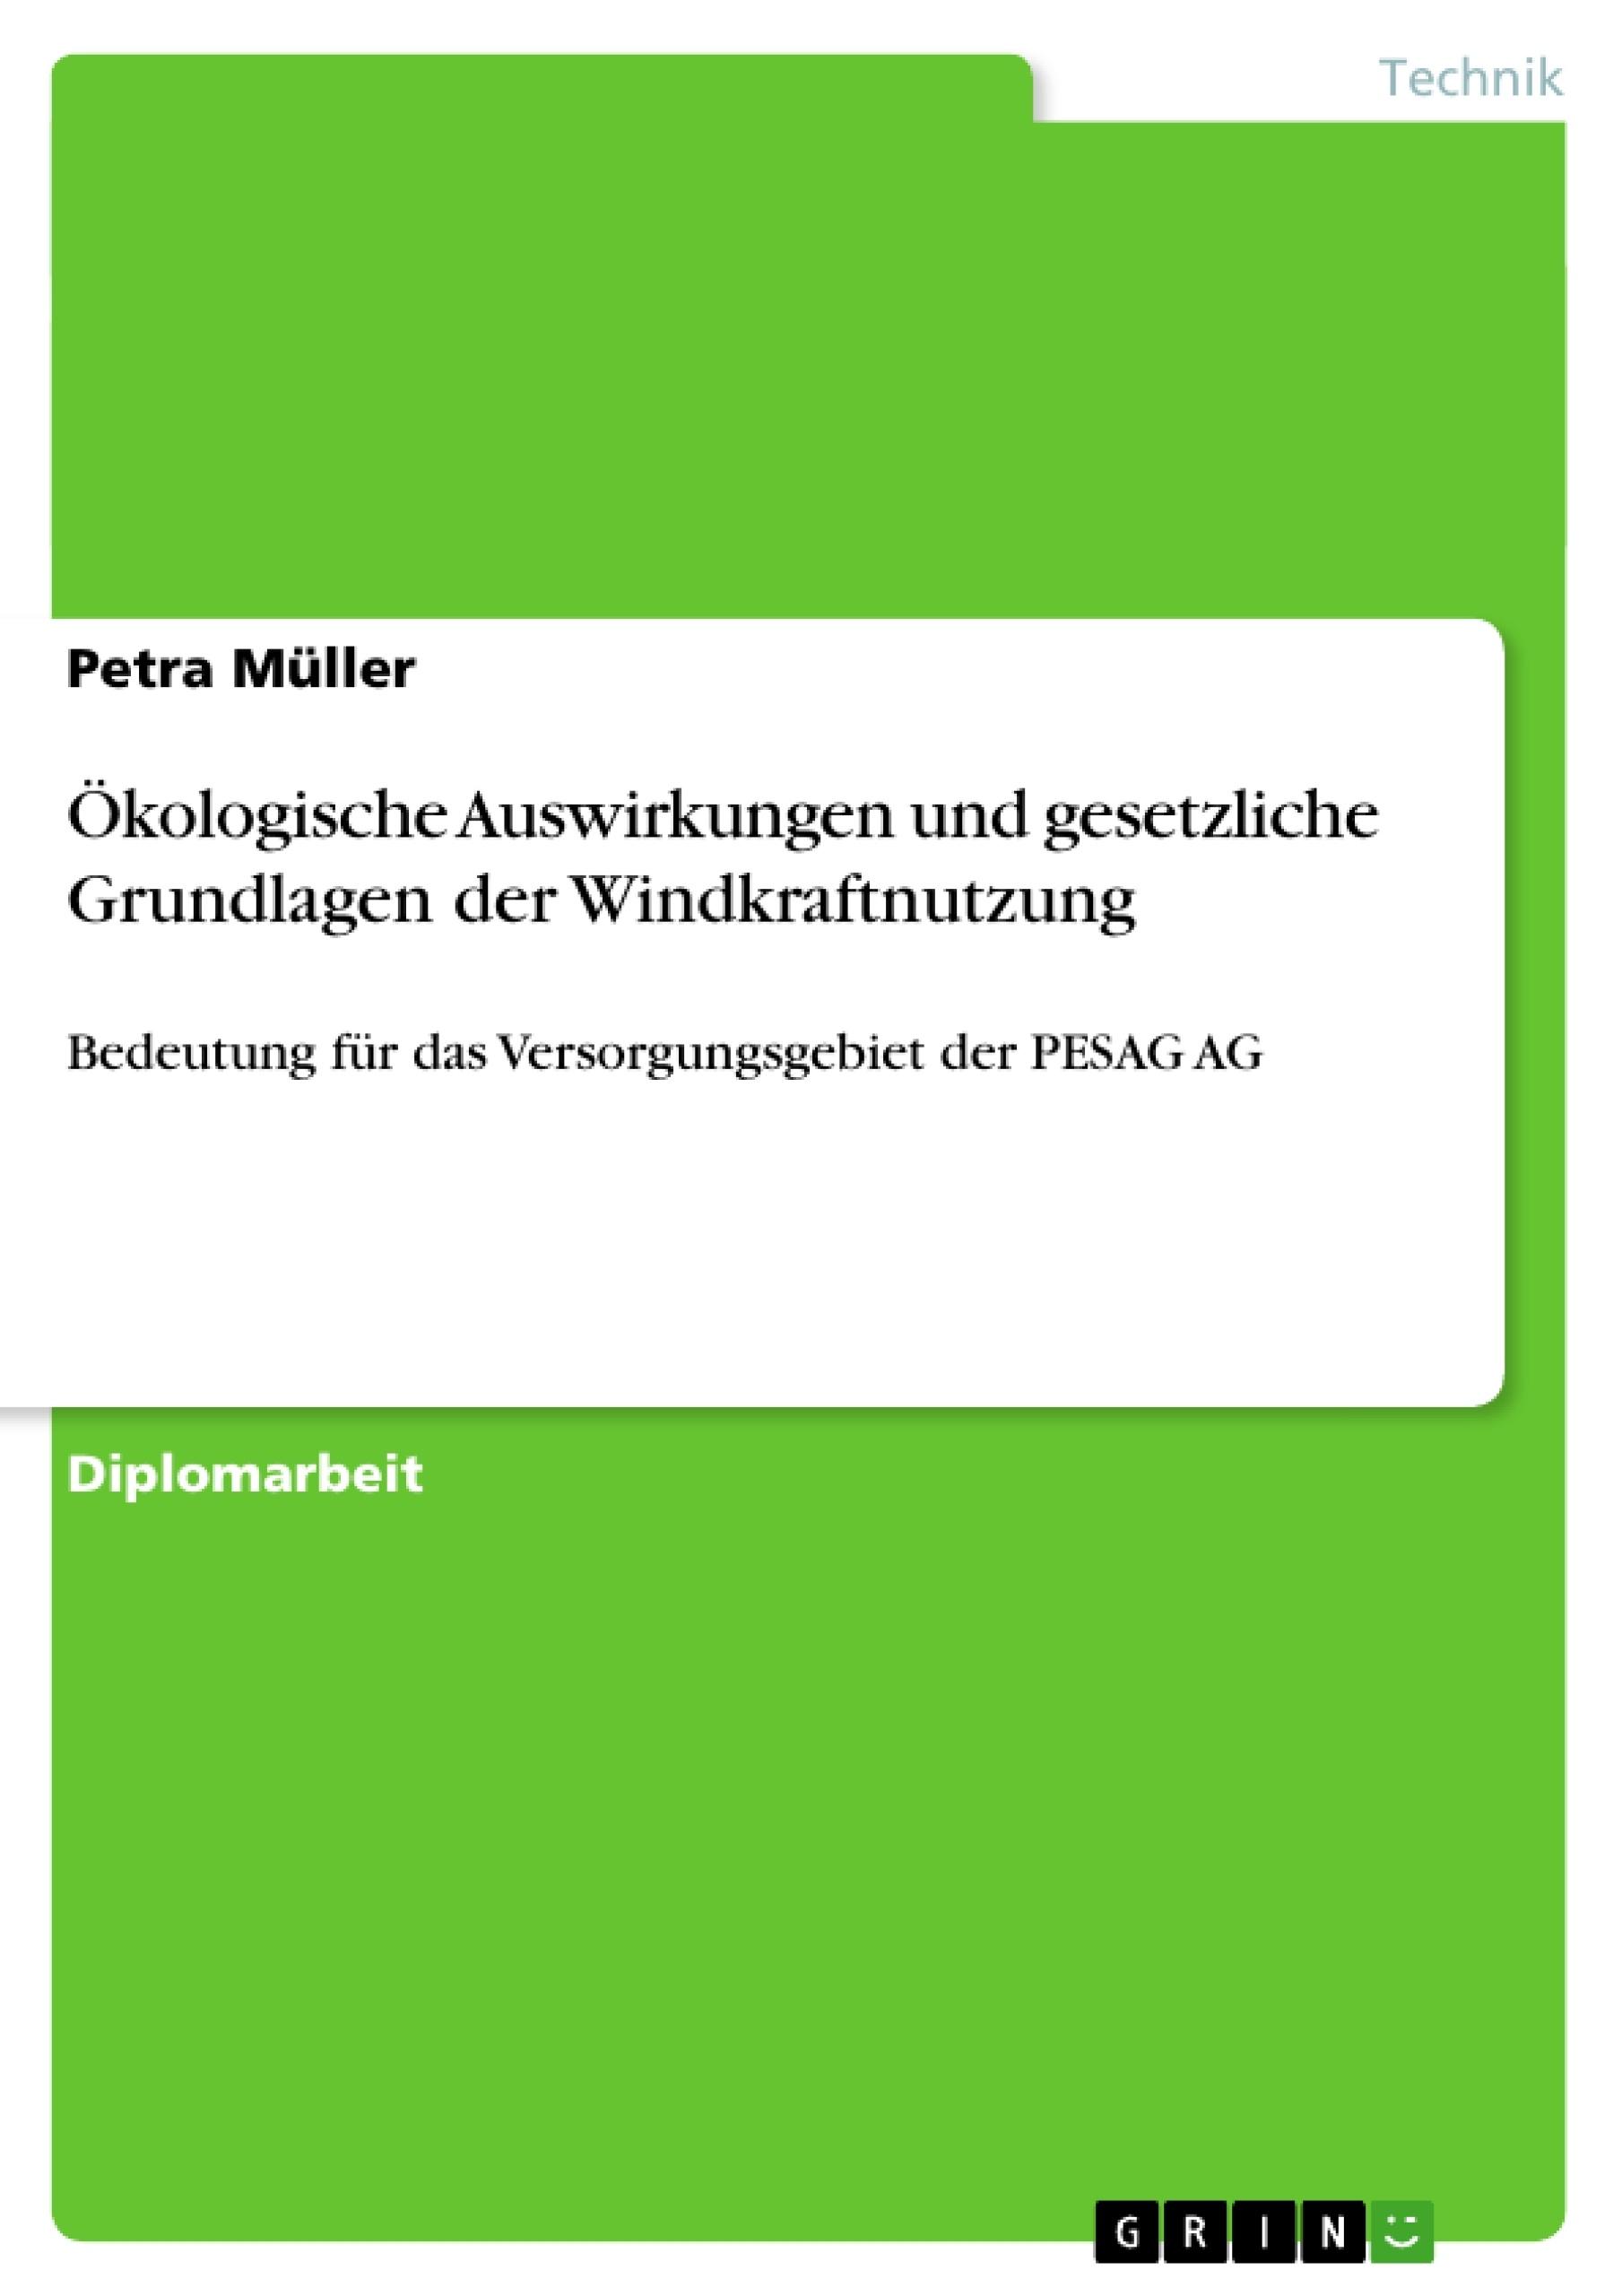 Titel: Ökologische Auswirkungen und gesetzliche Grundlagen der Windkraftnutzung